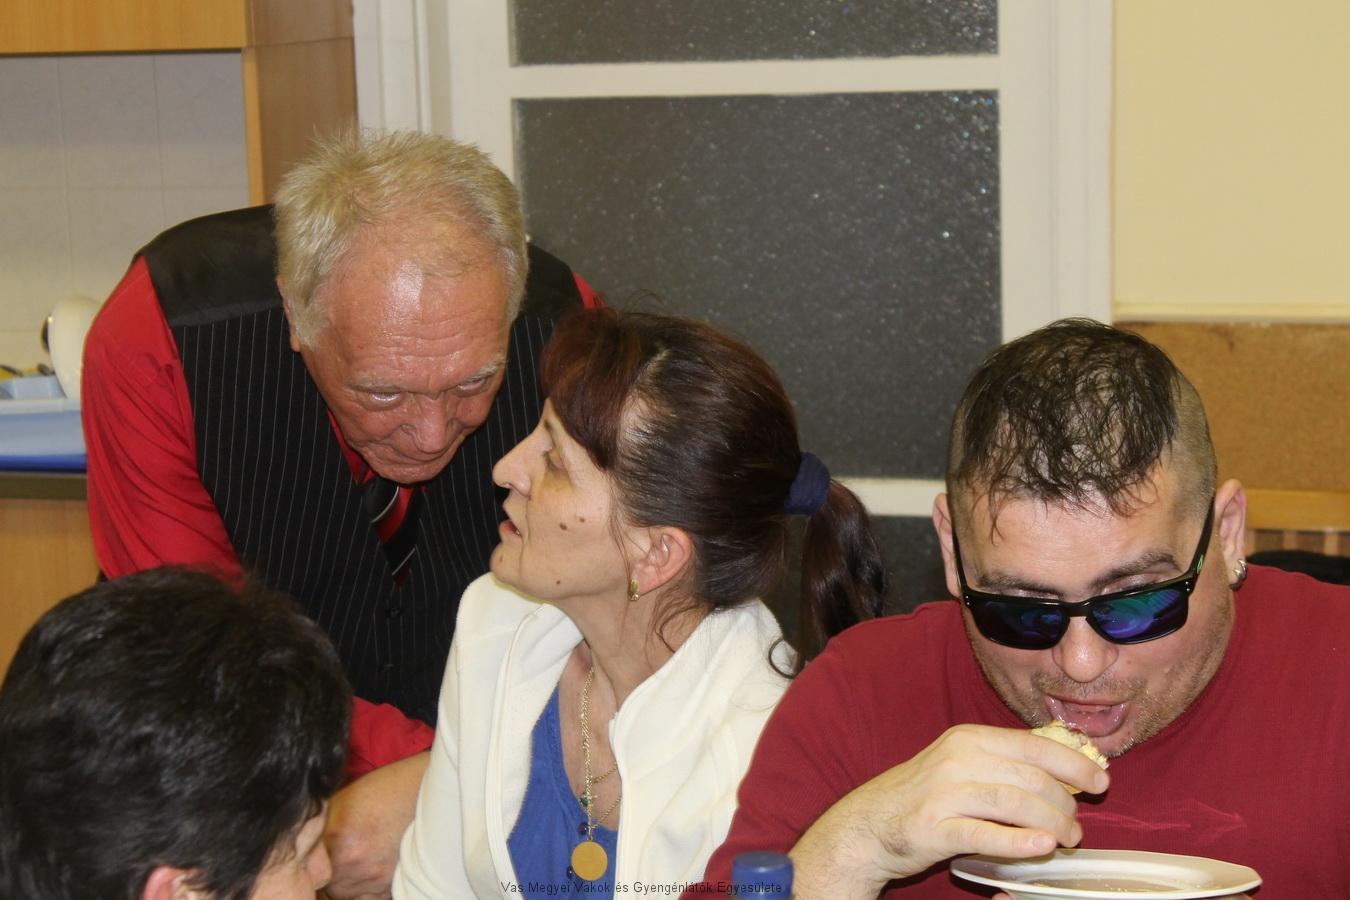 Goda István és Annamari, Csiszár Tamás anyukája beszélgetnek. Goda István gratulál Tamás eredményéhez, hiszen Tamás nyerte a NAIH pályázatát. A képen még Varga Olivér látható.